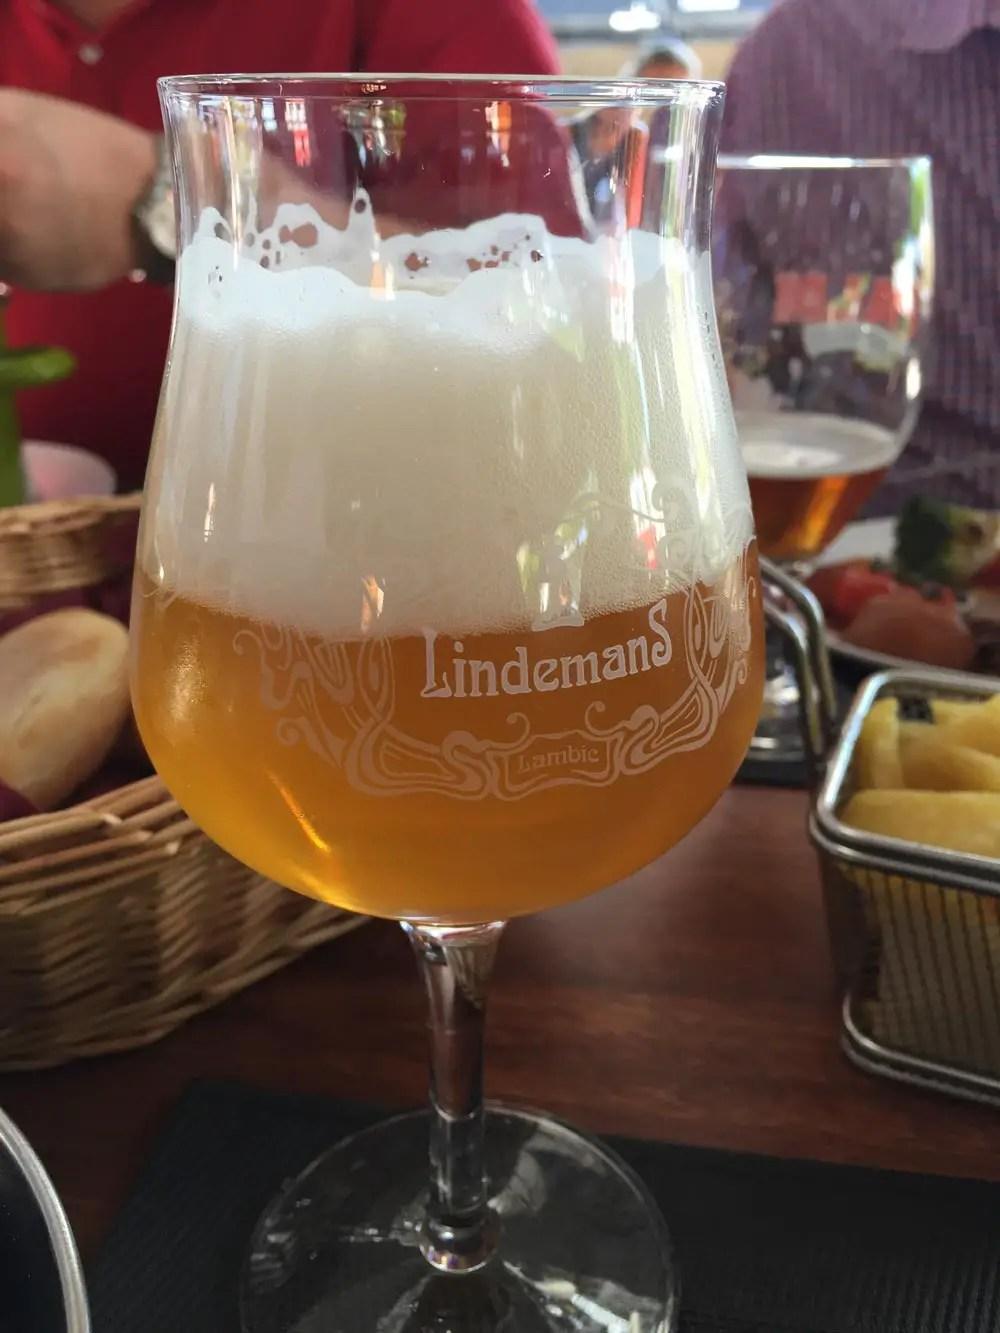 belgisches bier lindemans lambic apple